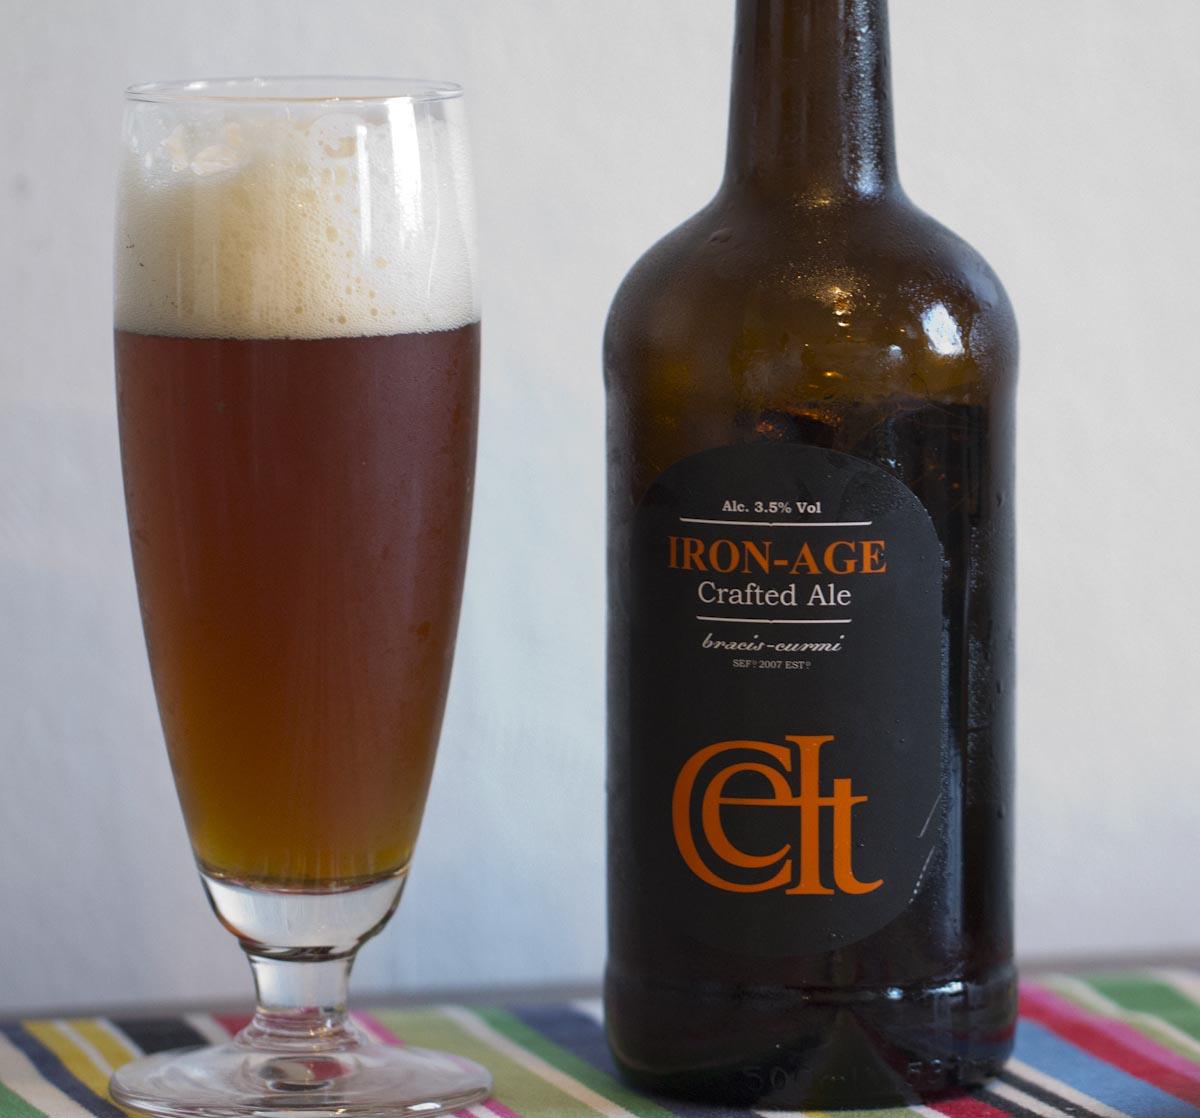 Iron-Age öl från Wales